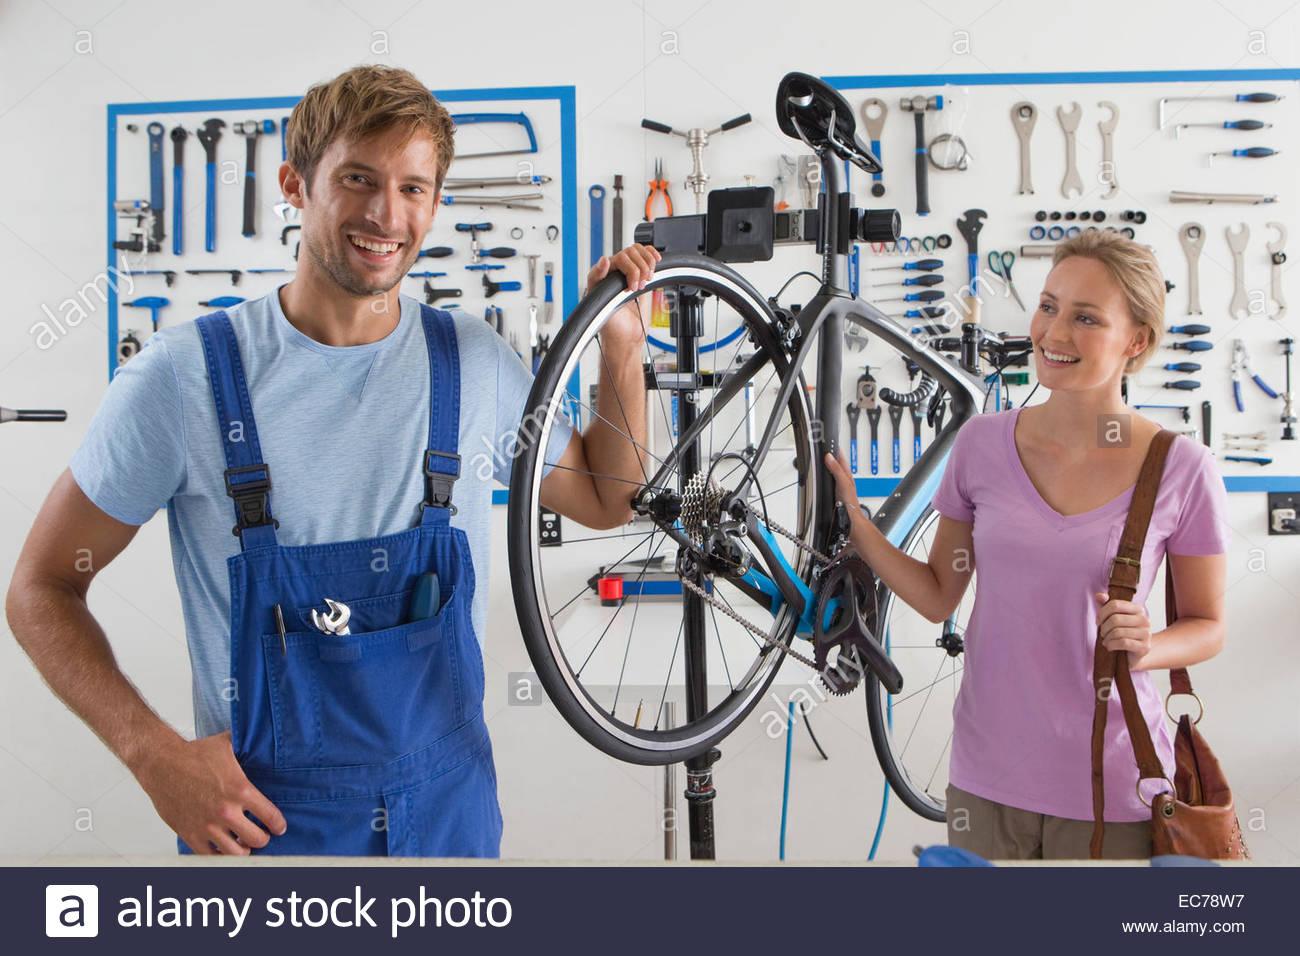 Technicien réparation Cycle clients féminins location Photo Stock